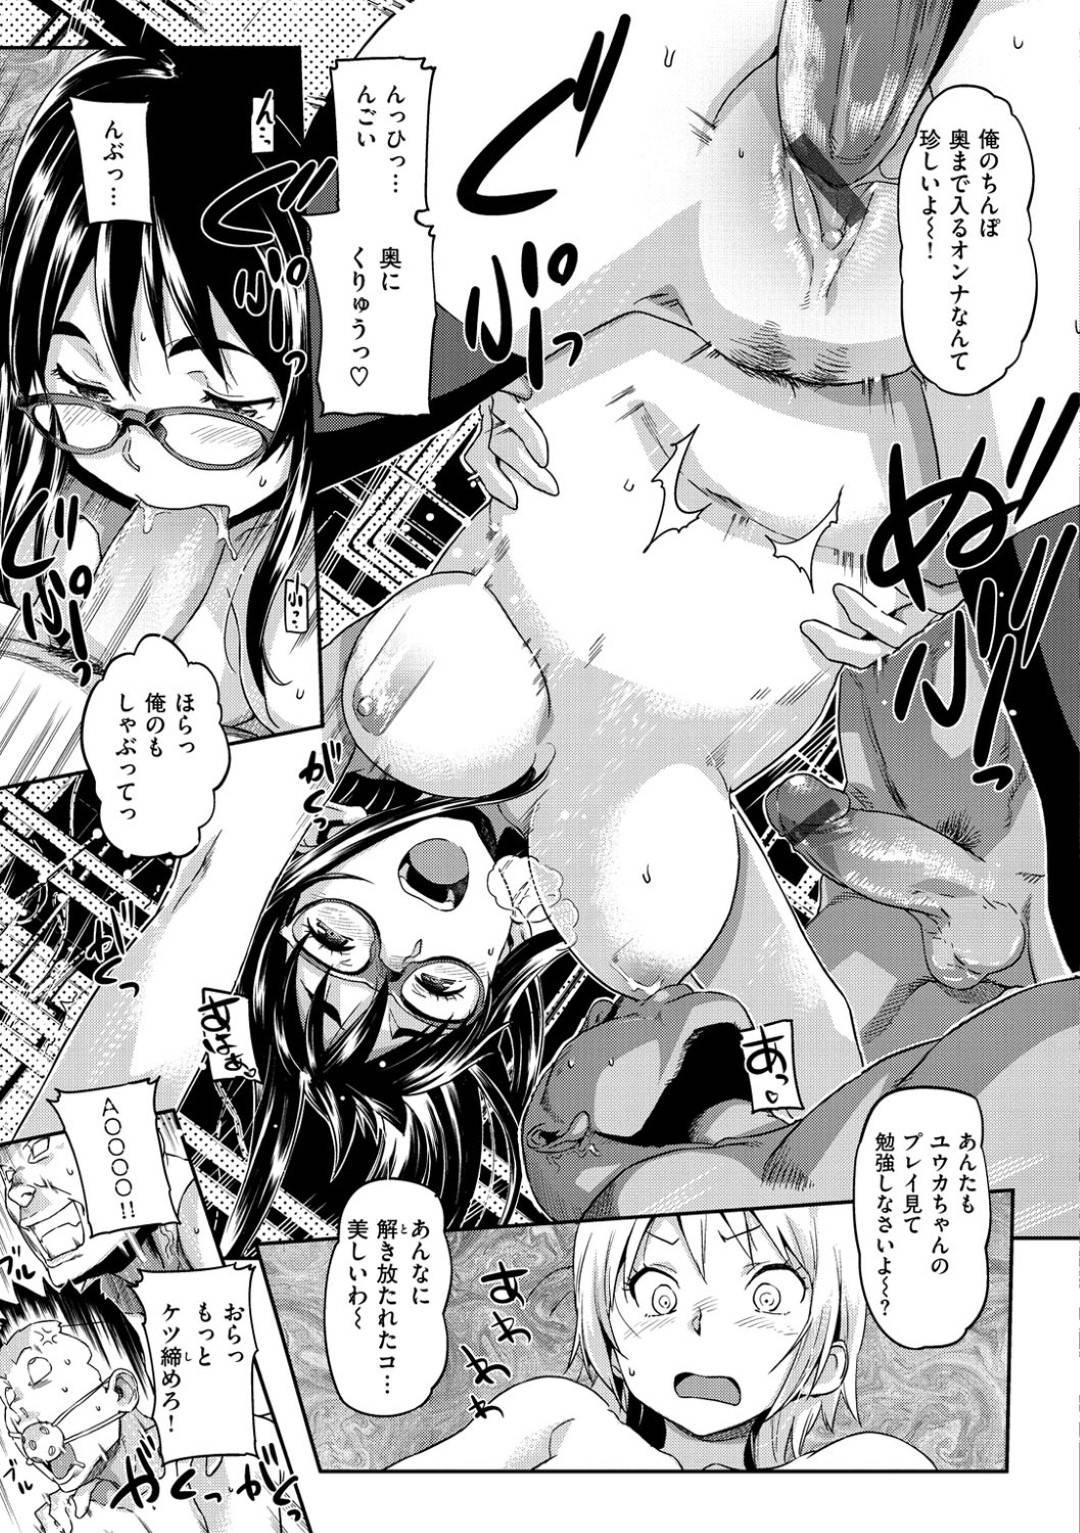 【エロ漫画】酔った影響でハプバーへと連れ込まれてしまったムチムチ眼鏡お姉さん…発情状態になった彼女は男に囲まれて乱交セックスしてしまう!【さめだ小判:あるかほりっくないと】